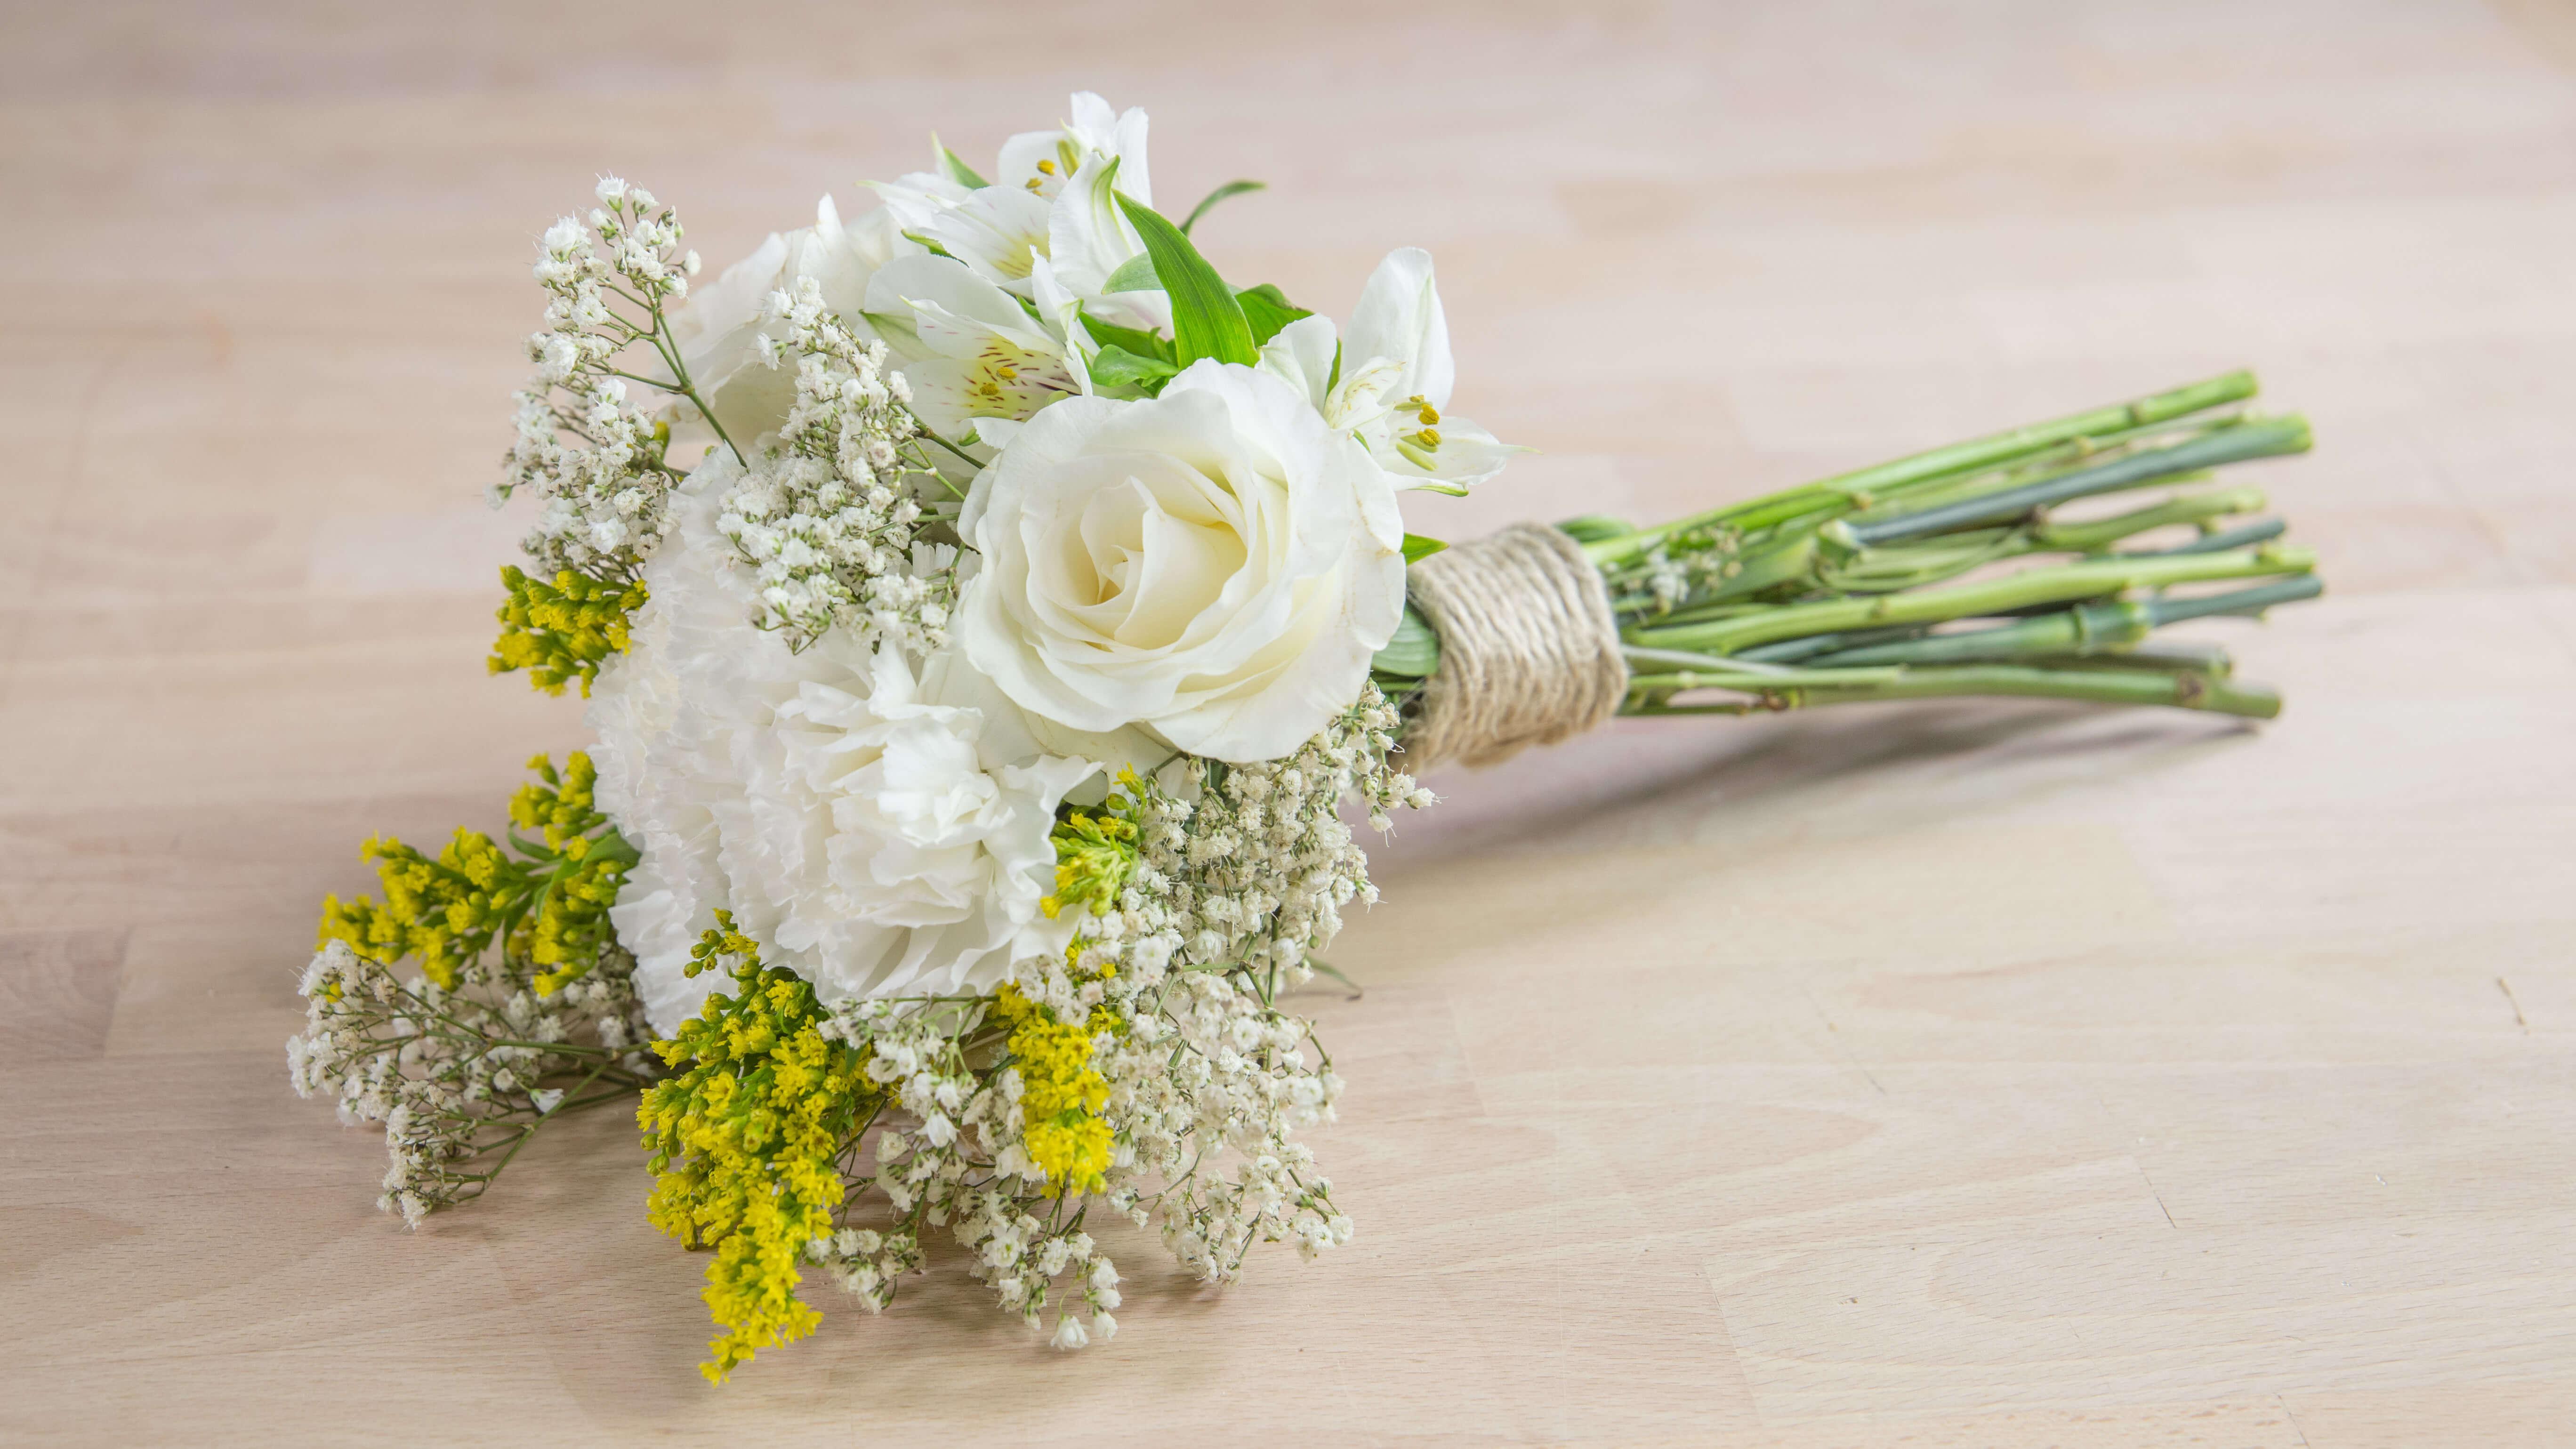 regalos-originales-para-san-valentin-ramo-de-flores-casero